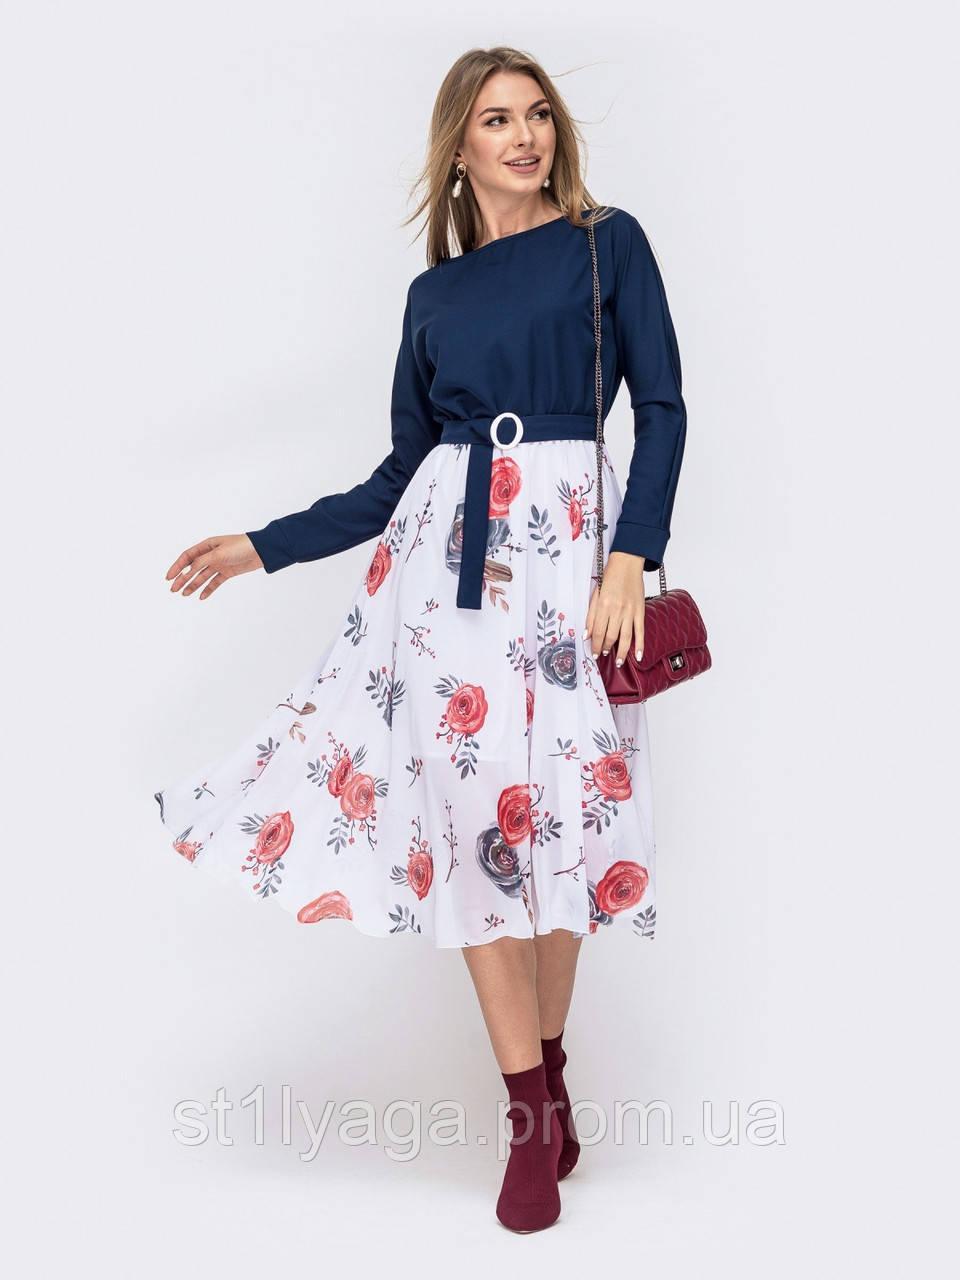 Повседневное комбинированное платье с длинным рукавом и расклешенной юбкой в цветочный принт